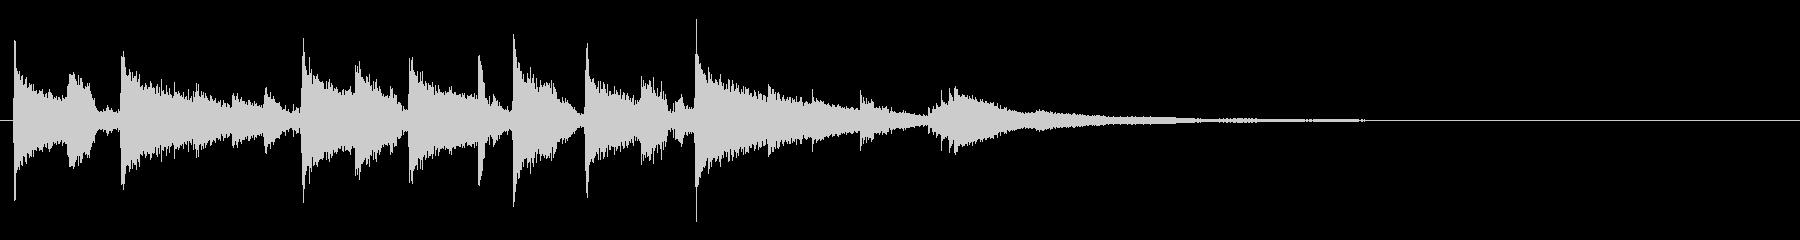 ジングル - 切ないギターストロークの未再生の波形